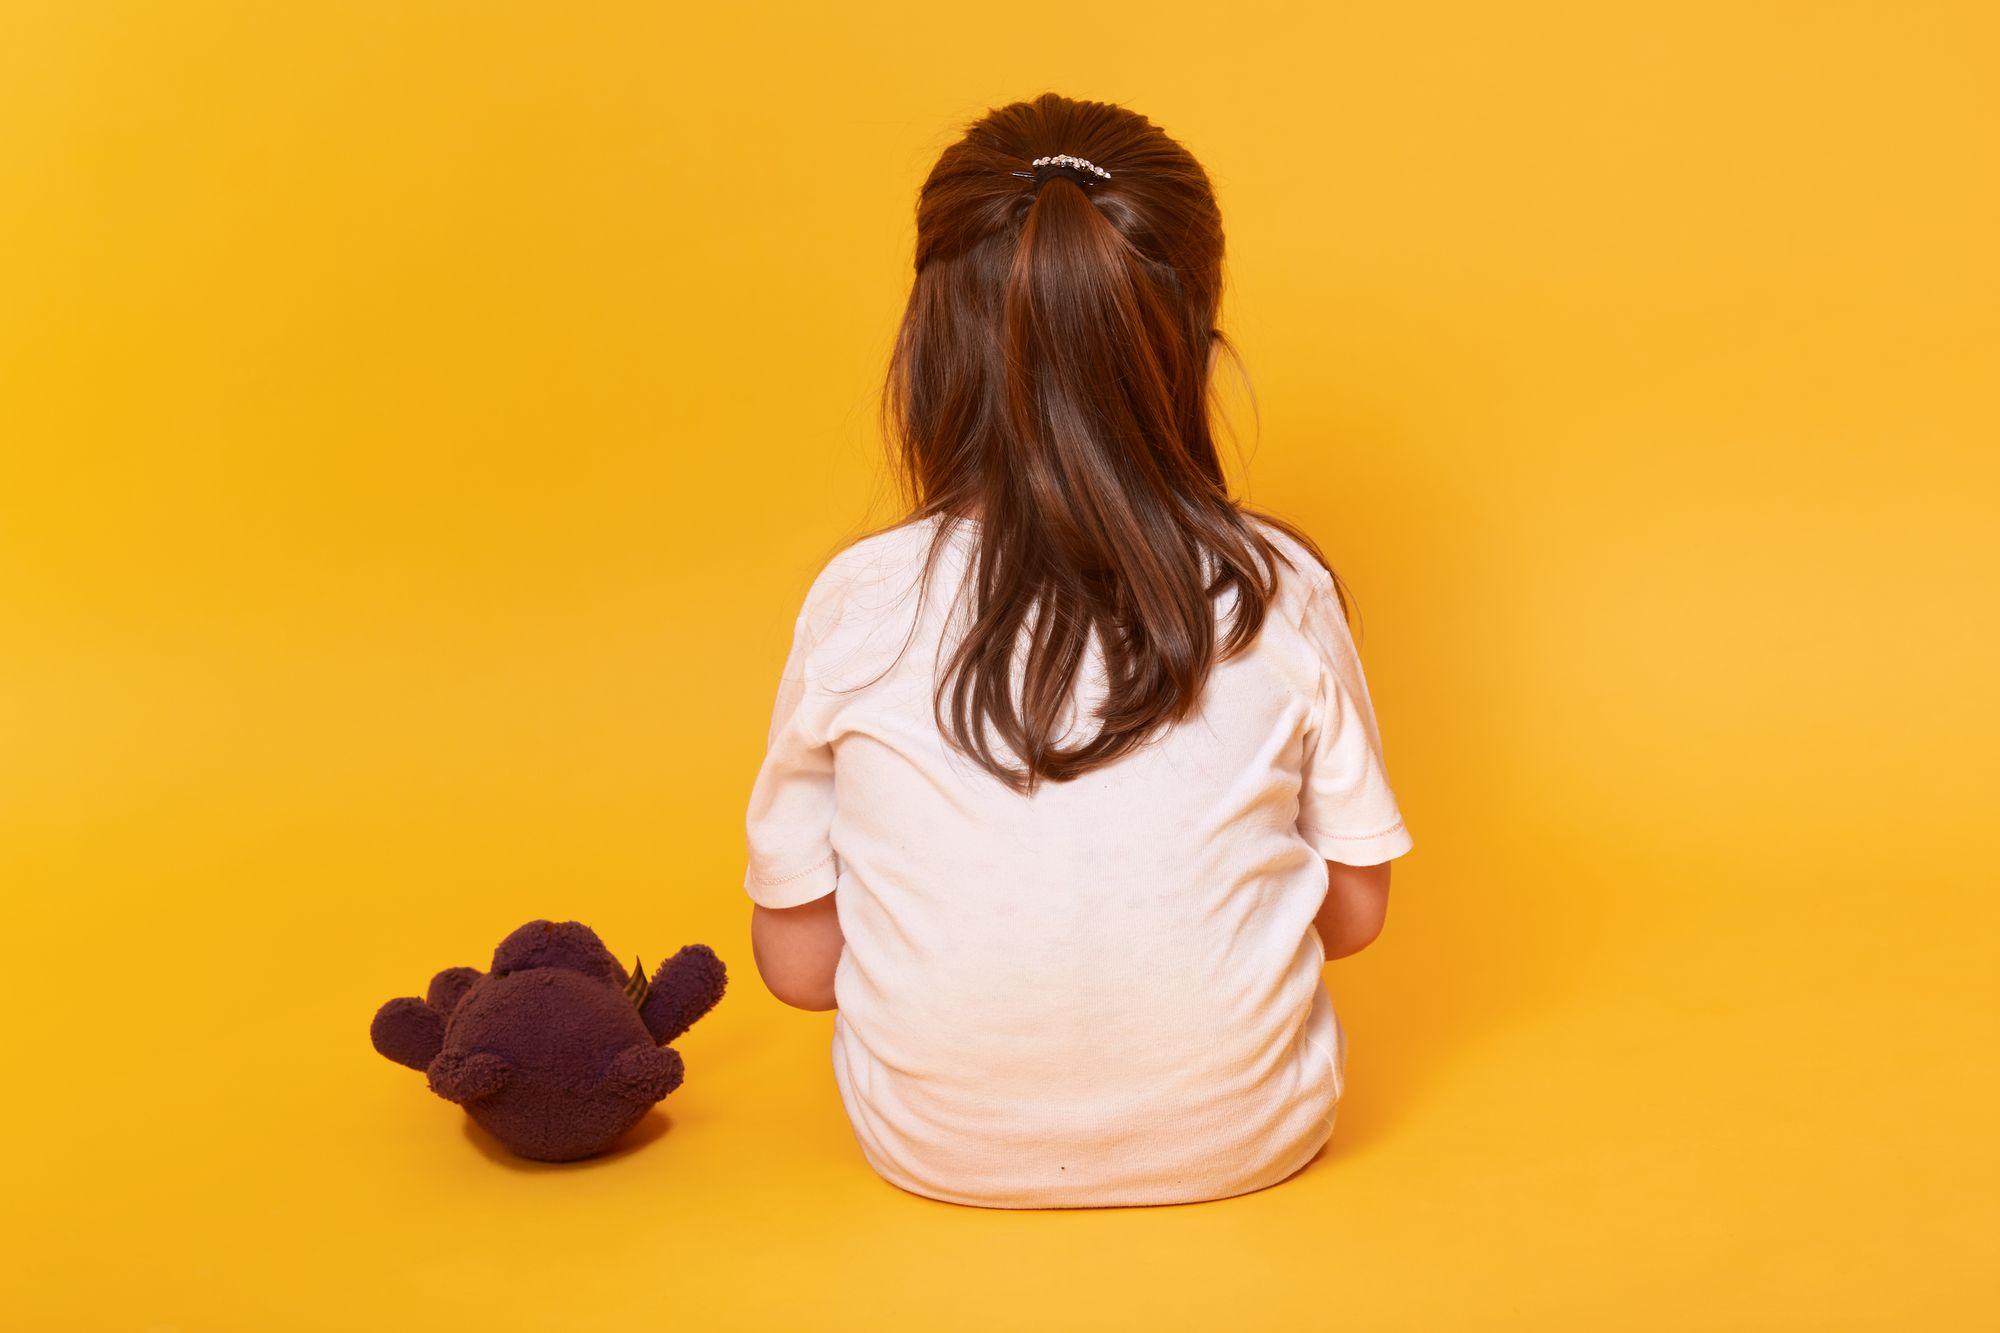 Dấu hiệu để phát hiện trẻ em bị bạo hành, lạm dụng